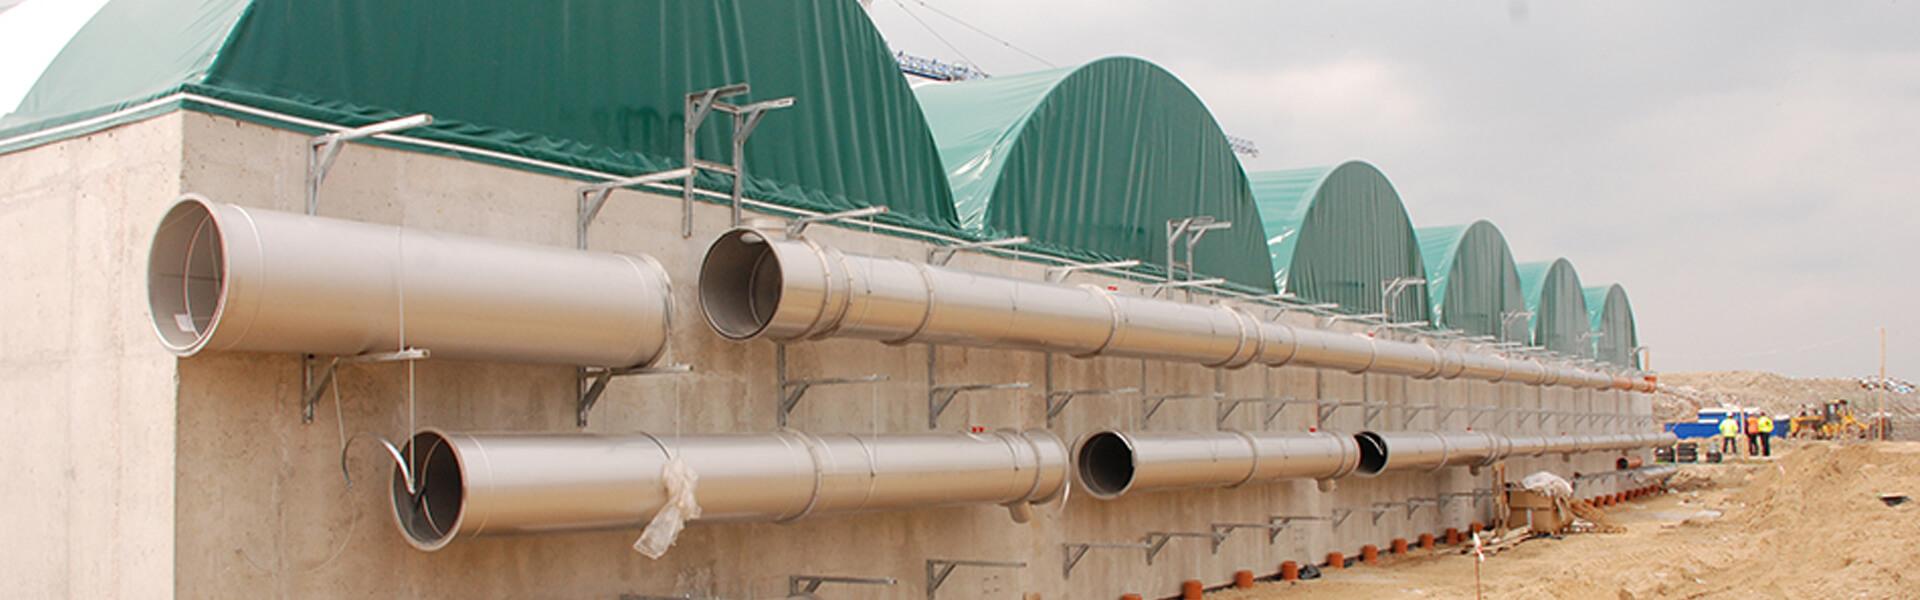 Strona główna - EcoPro - Ochrona Środowiska, Budownictwo Wodne.